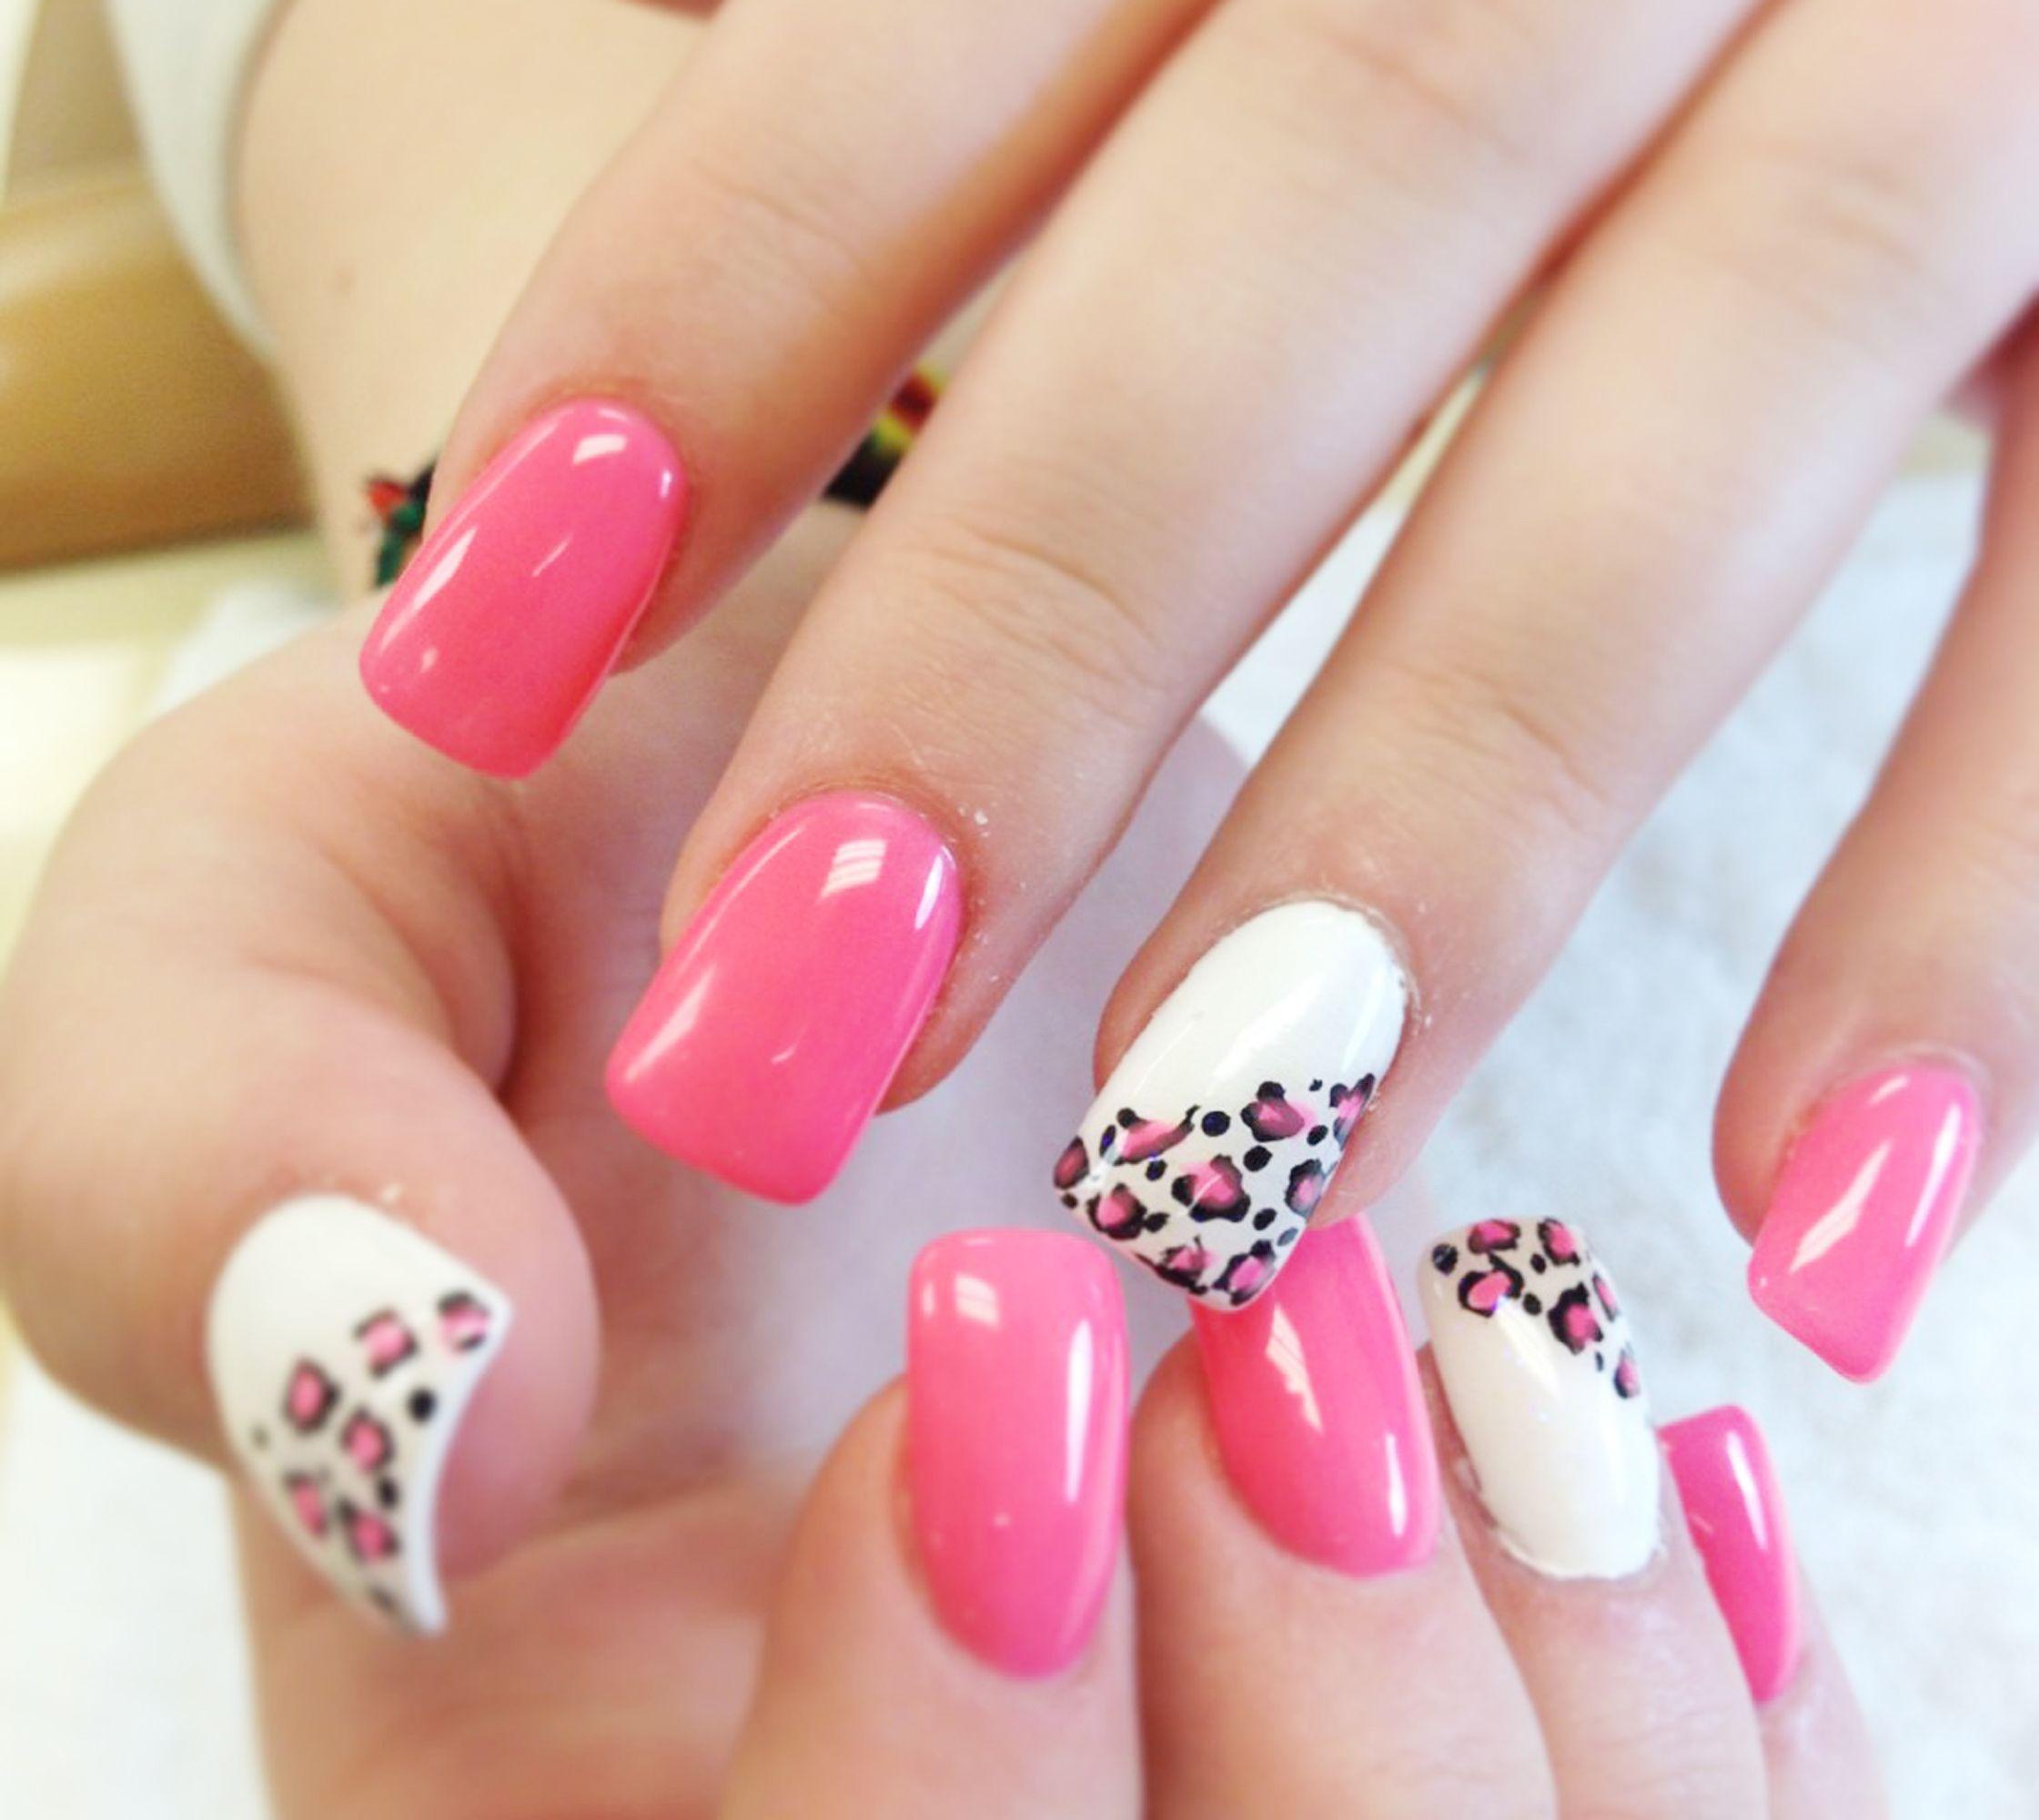 nail designs 2016 - Google Search | nails | Pinterest | Summer nail ...